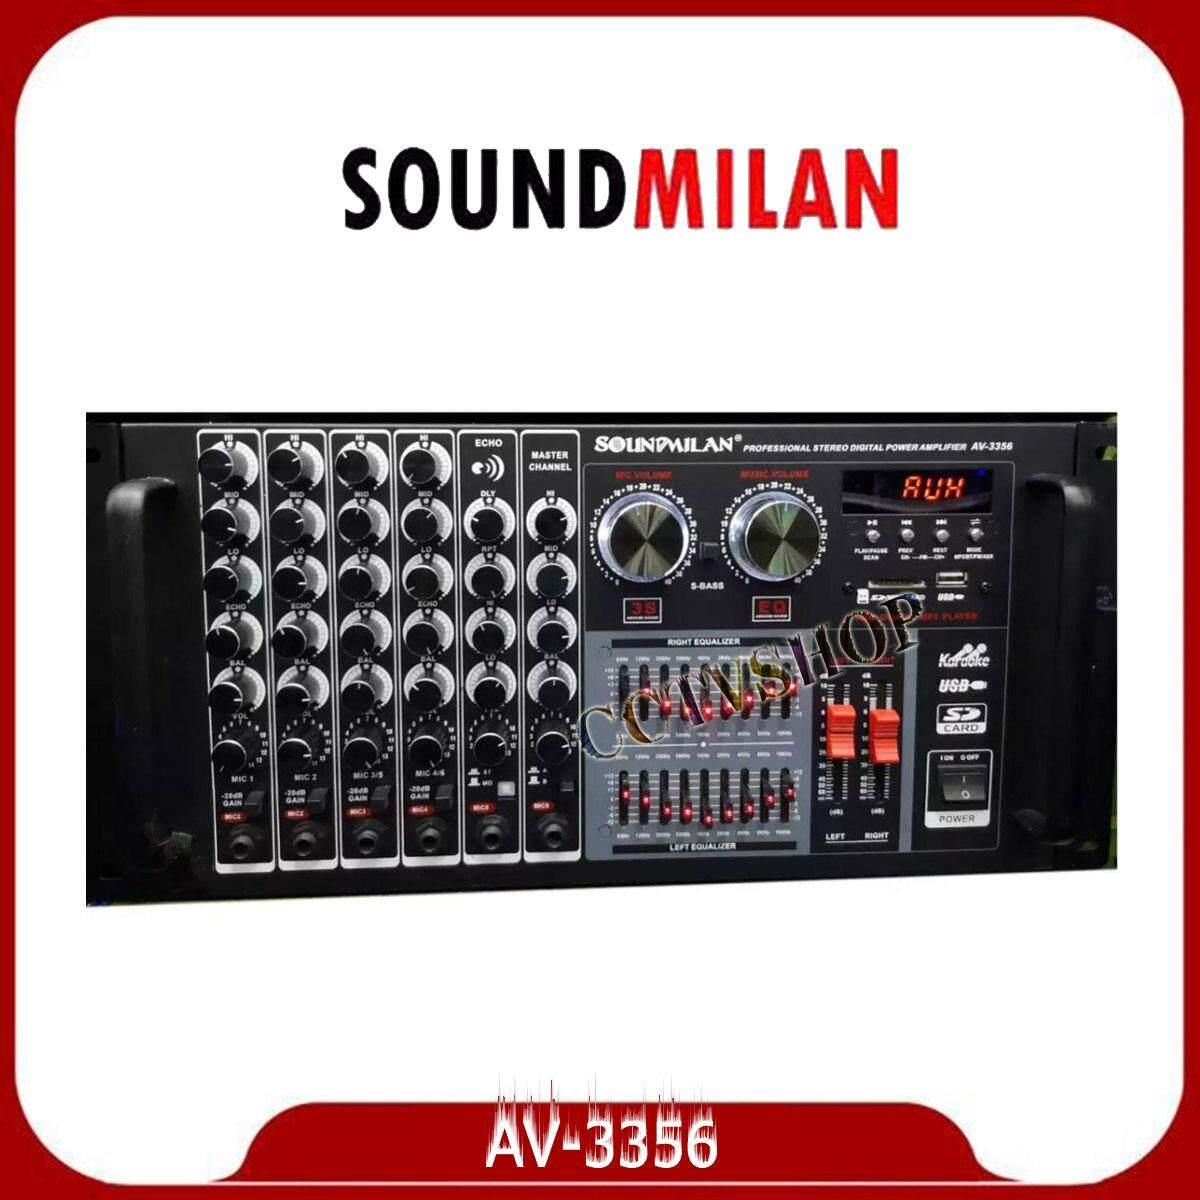 เครื่องขยายเสียงกลางแจ้ง เพาเวอร์มิกเซอร์ (แอมป์หน้ามิกซ์) Power Amplifier 800w (rms) มีบลูทูธ Usb Sd Card Fm รุ่น Av-3356.